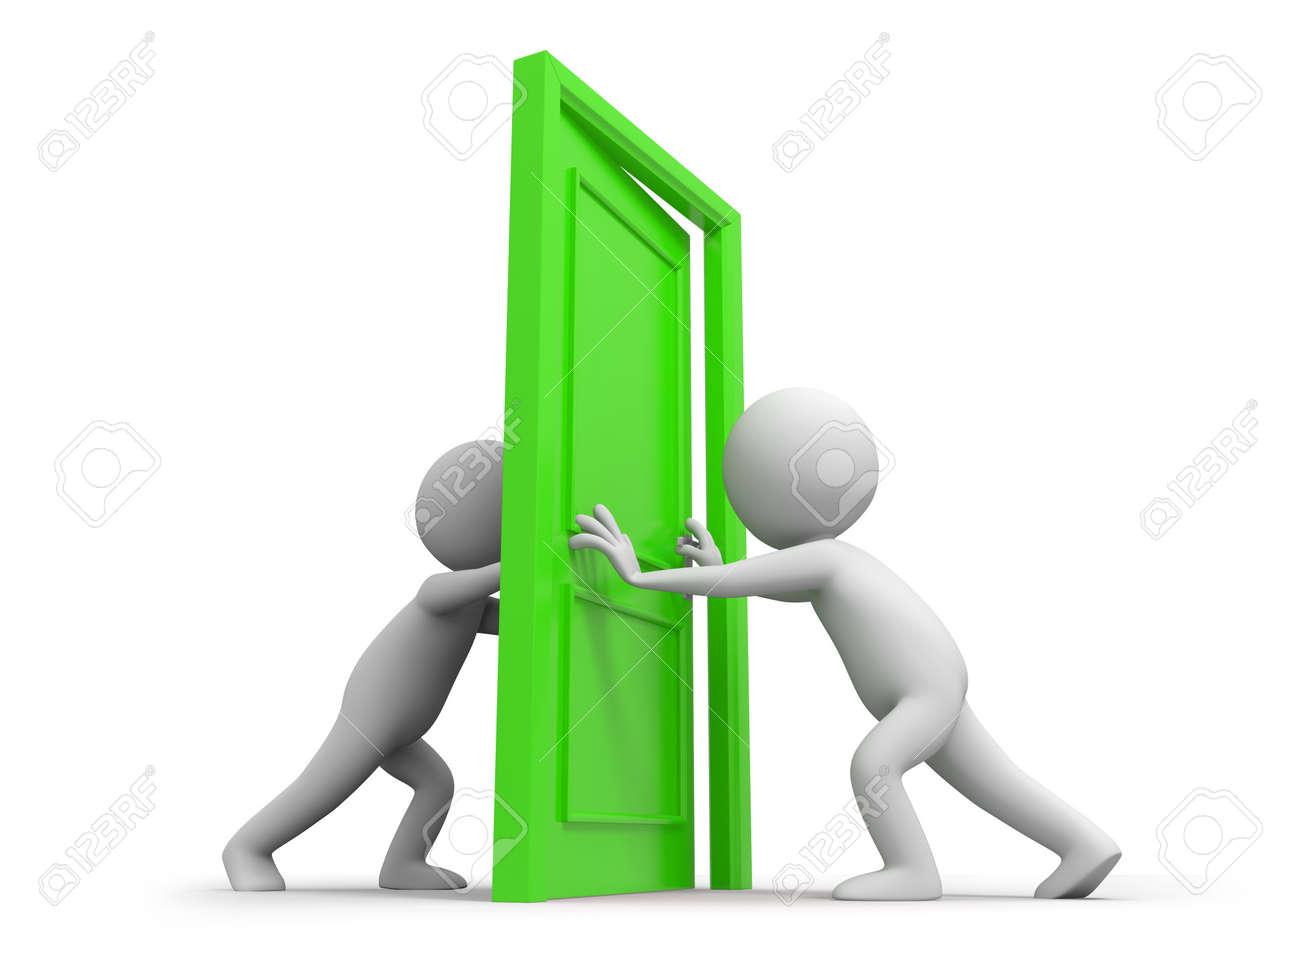 nosleep4 ❀ ohno hinata - Page 2 15457225-Deux-personnes-porte-pousse-une-porte-Banque-d'images